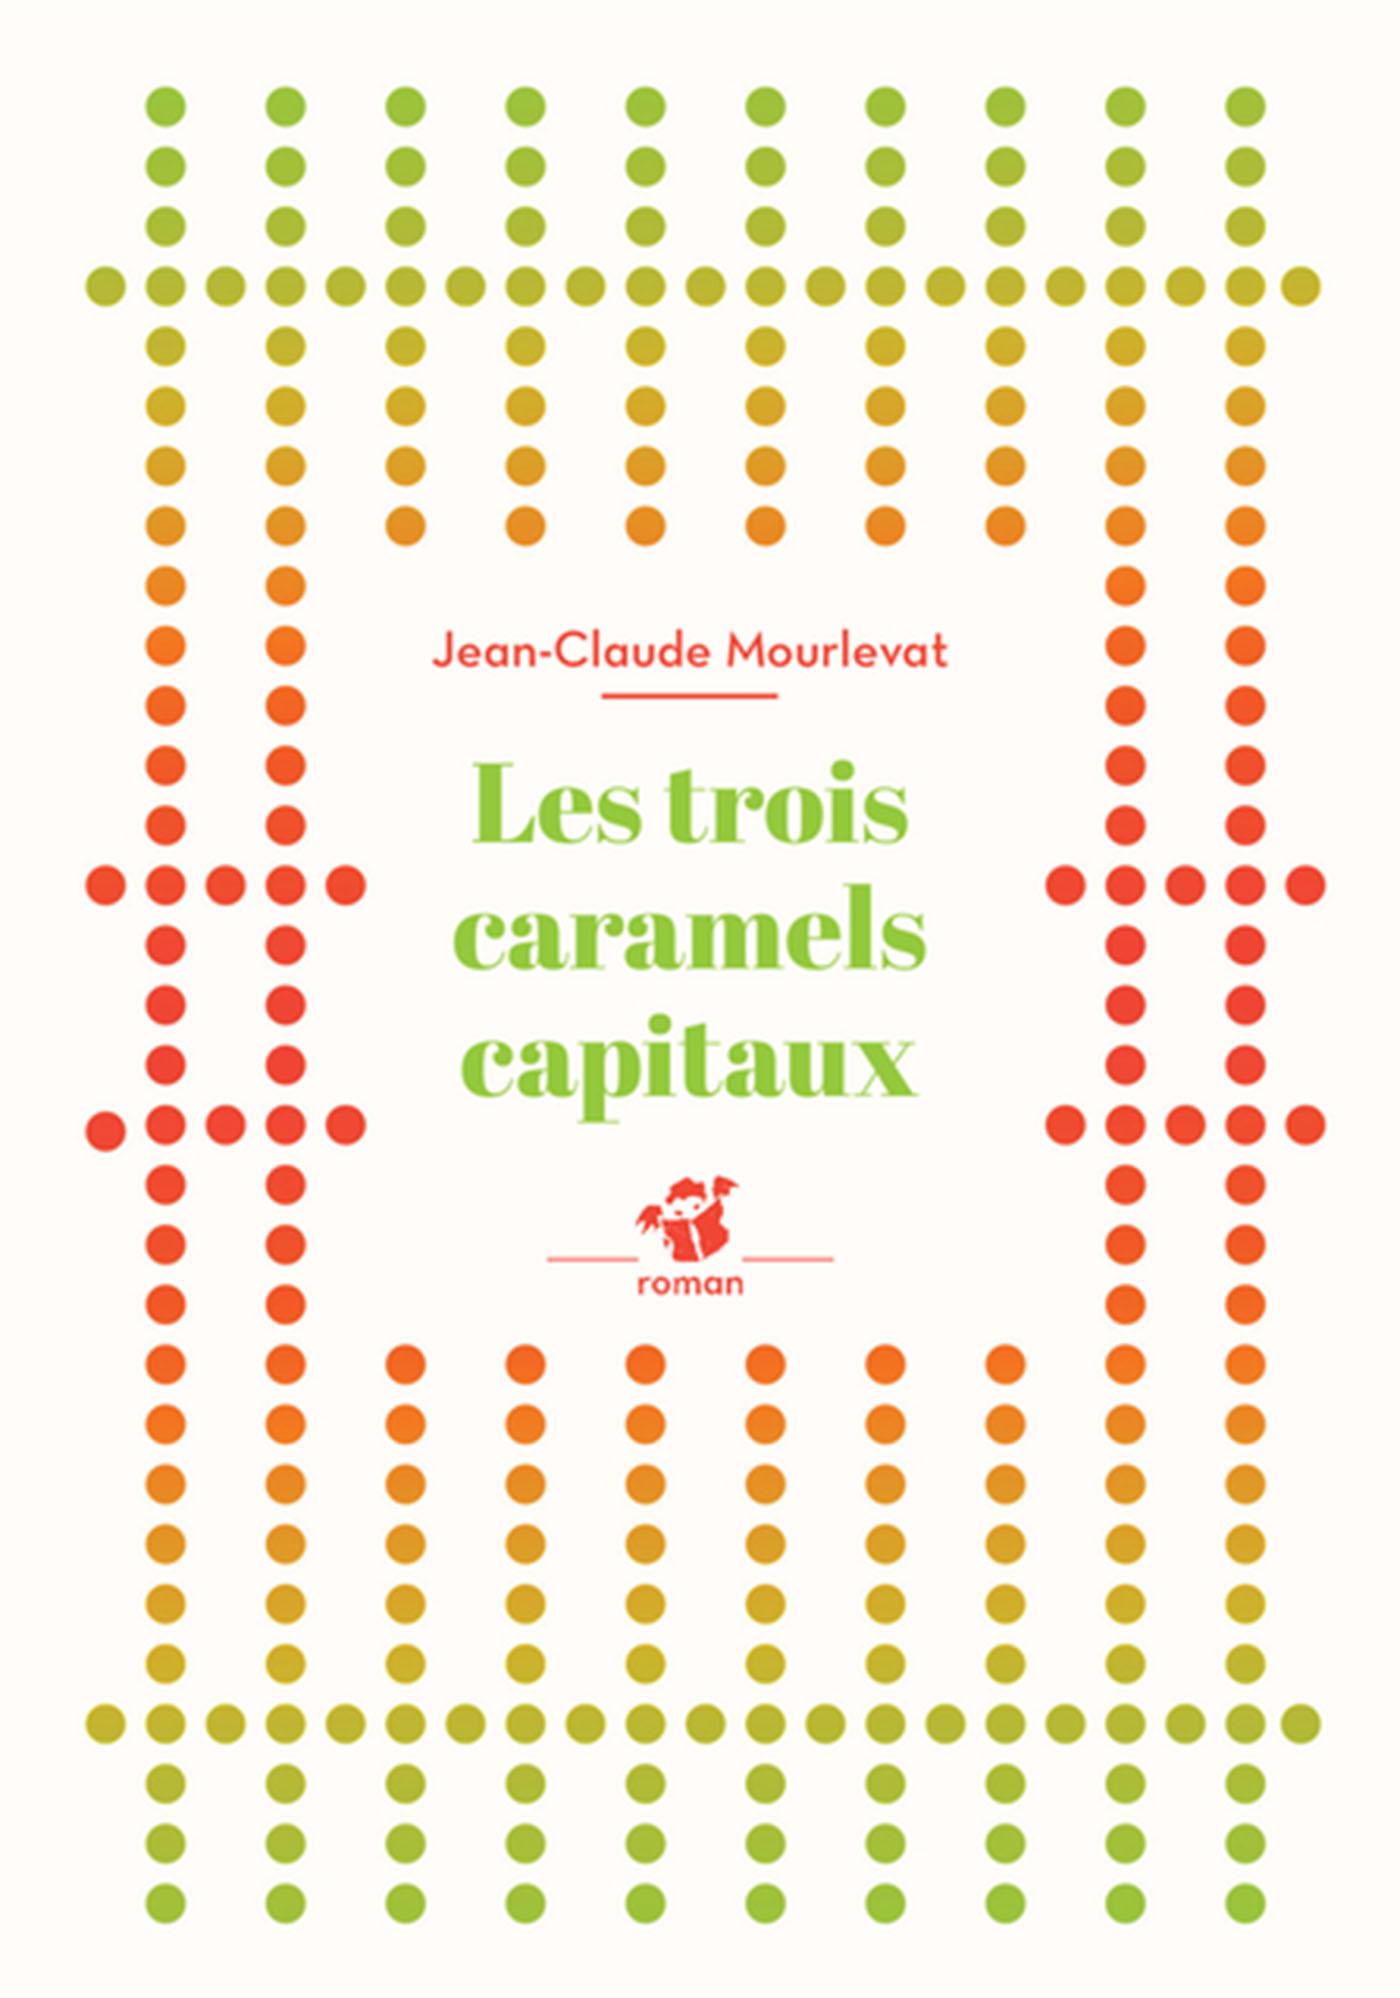 Les trois caramels capitaux